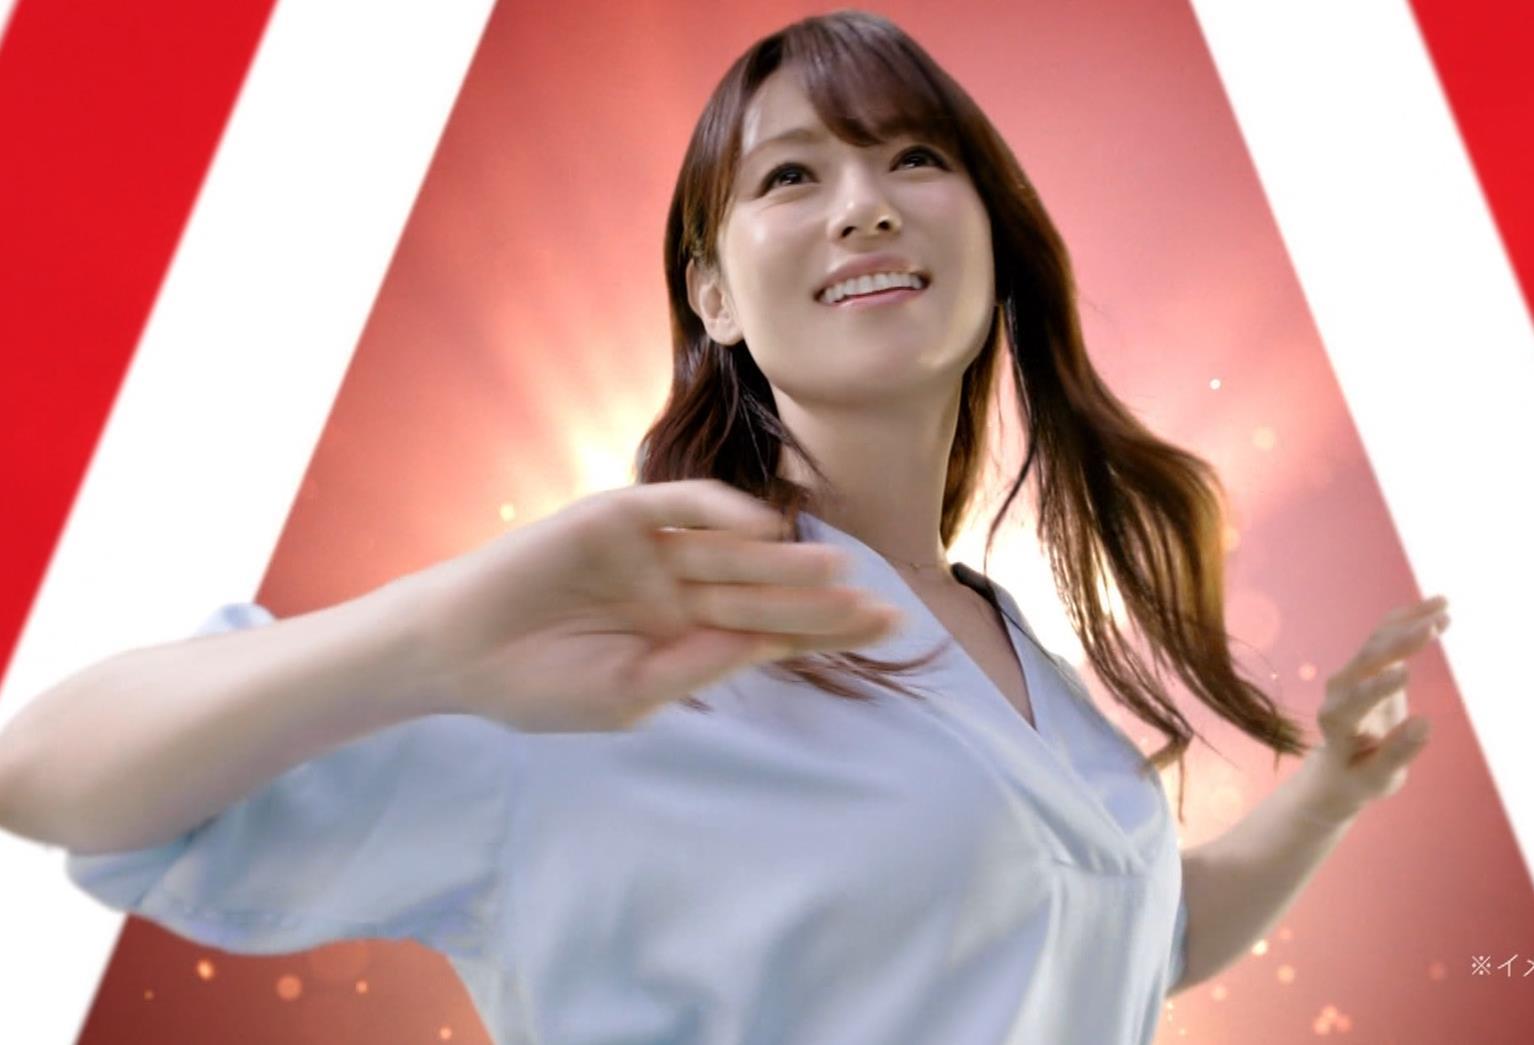 深田恭子 アリナミンのCMっておっぱい突き出しててエロいキャプ・エロ画像5